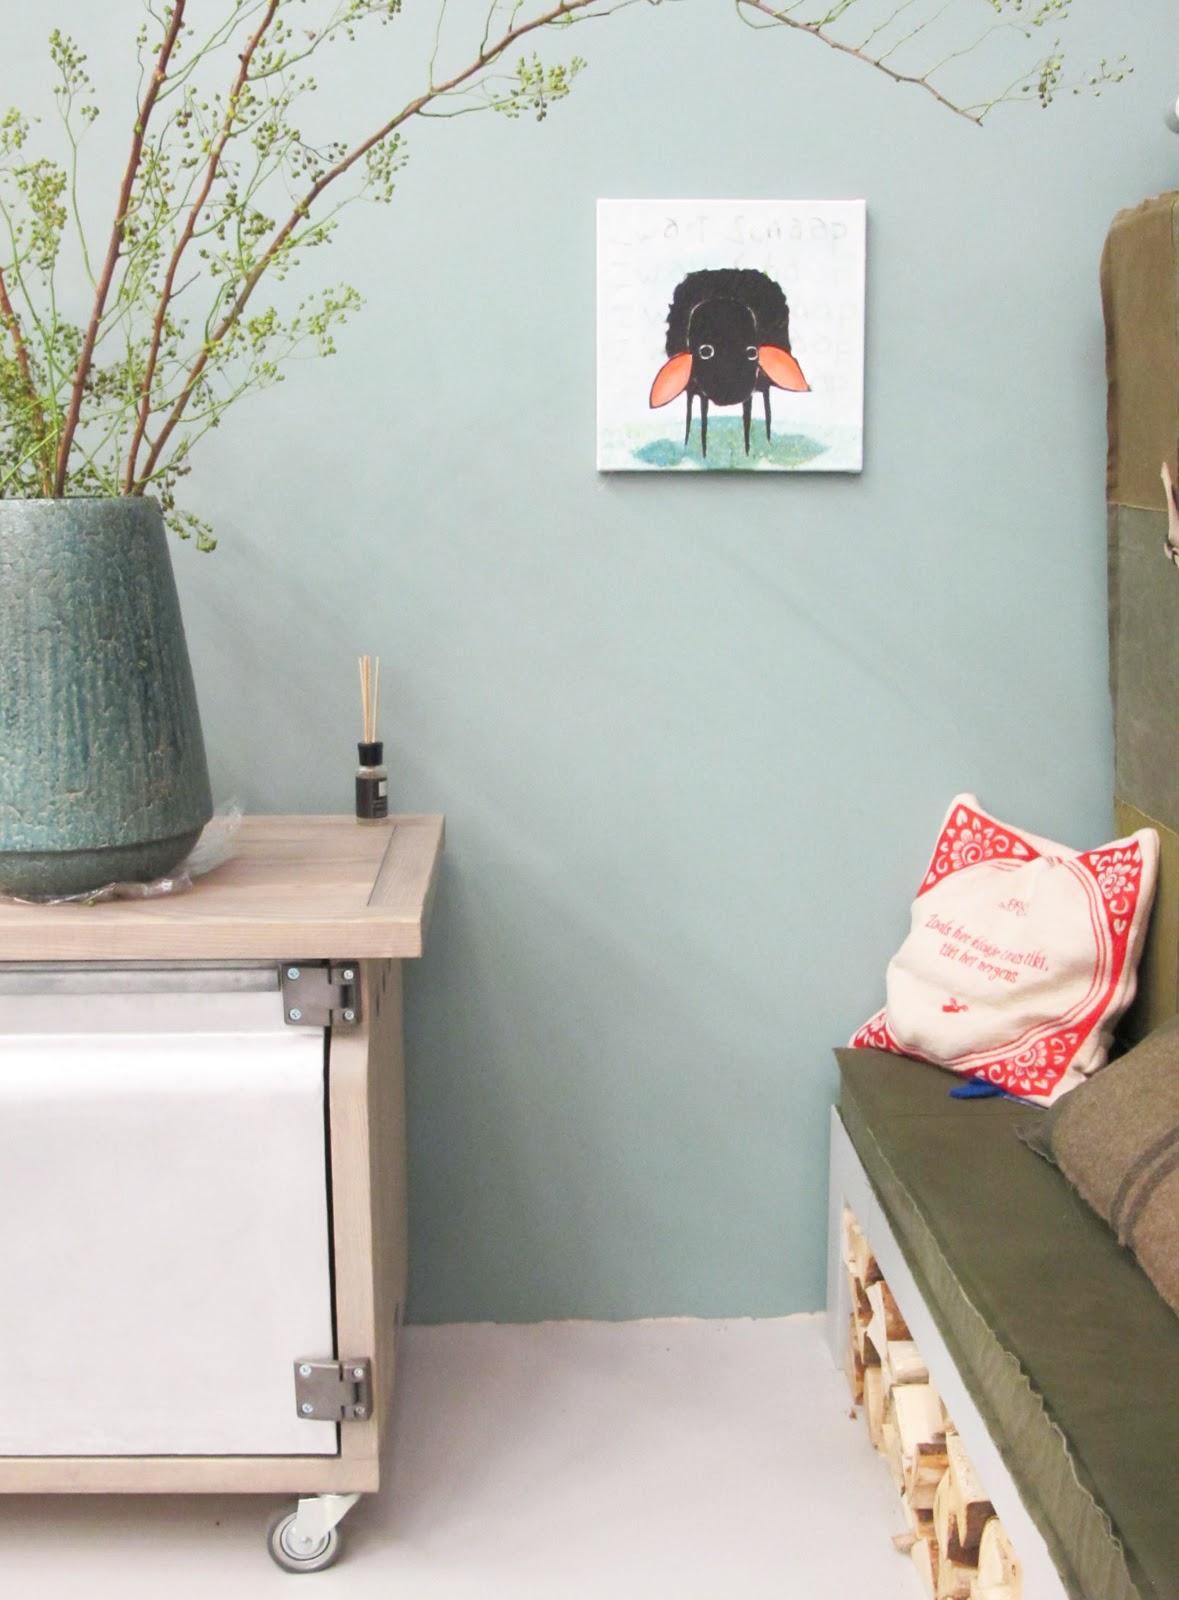 Stijlbloemblog vt wonen - Trend schilderij slaapkamer ...